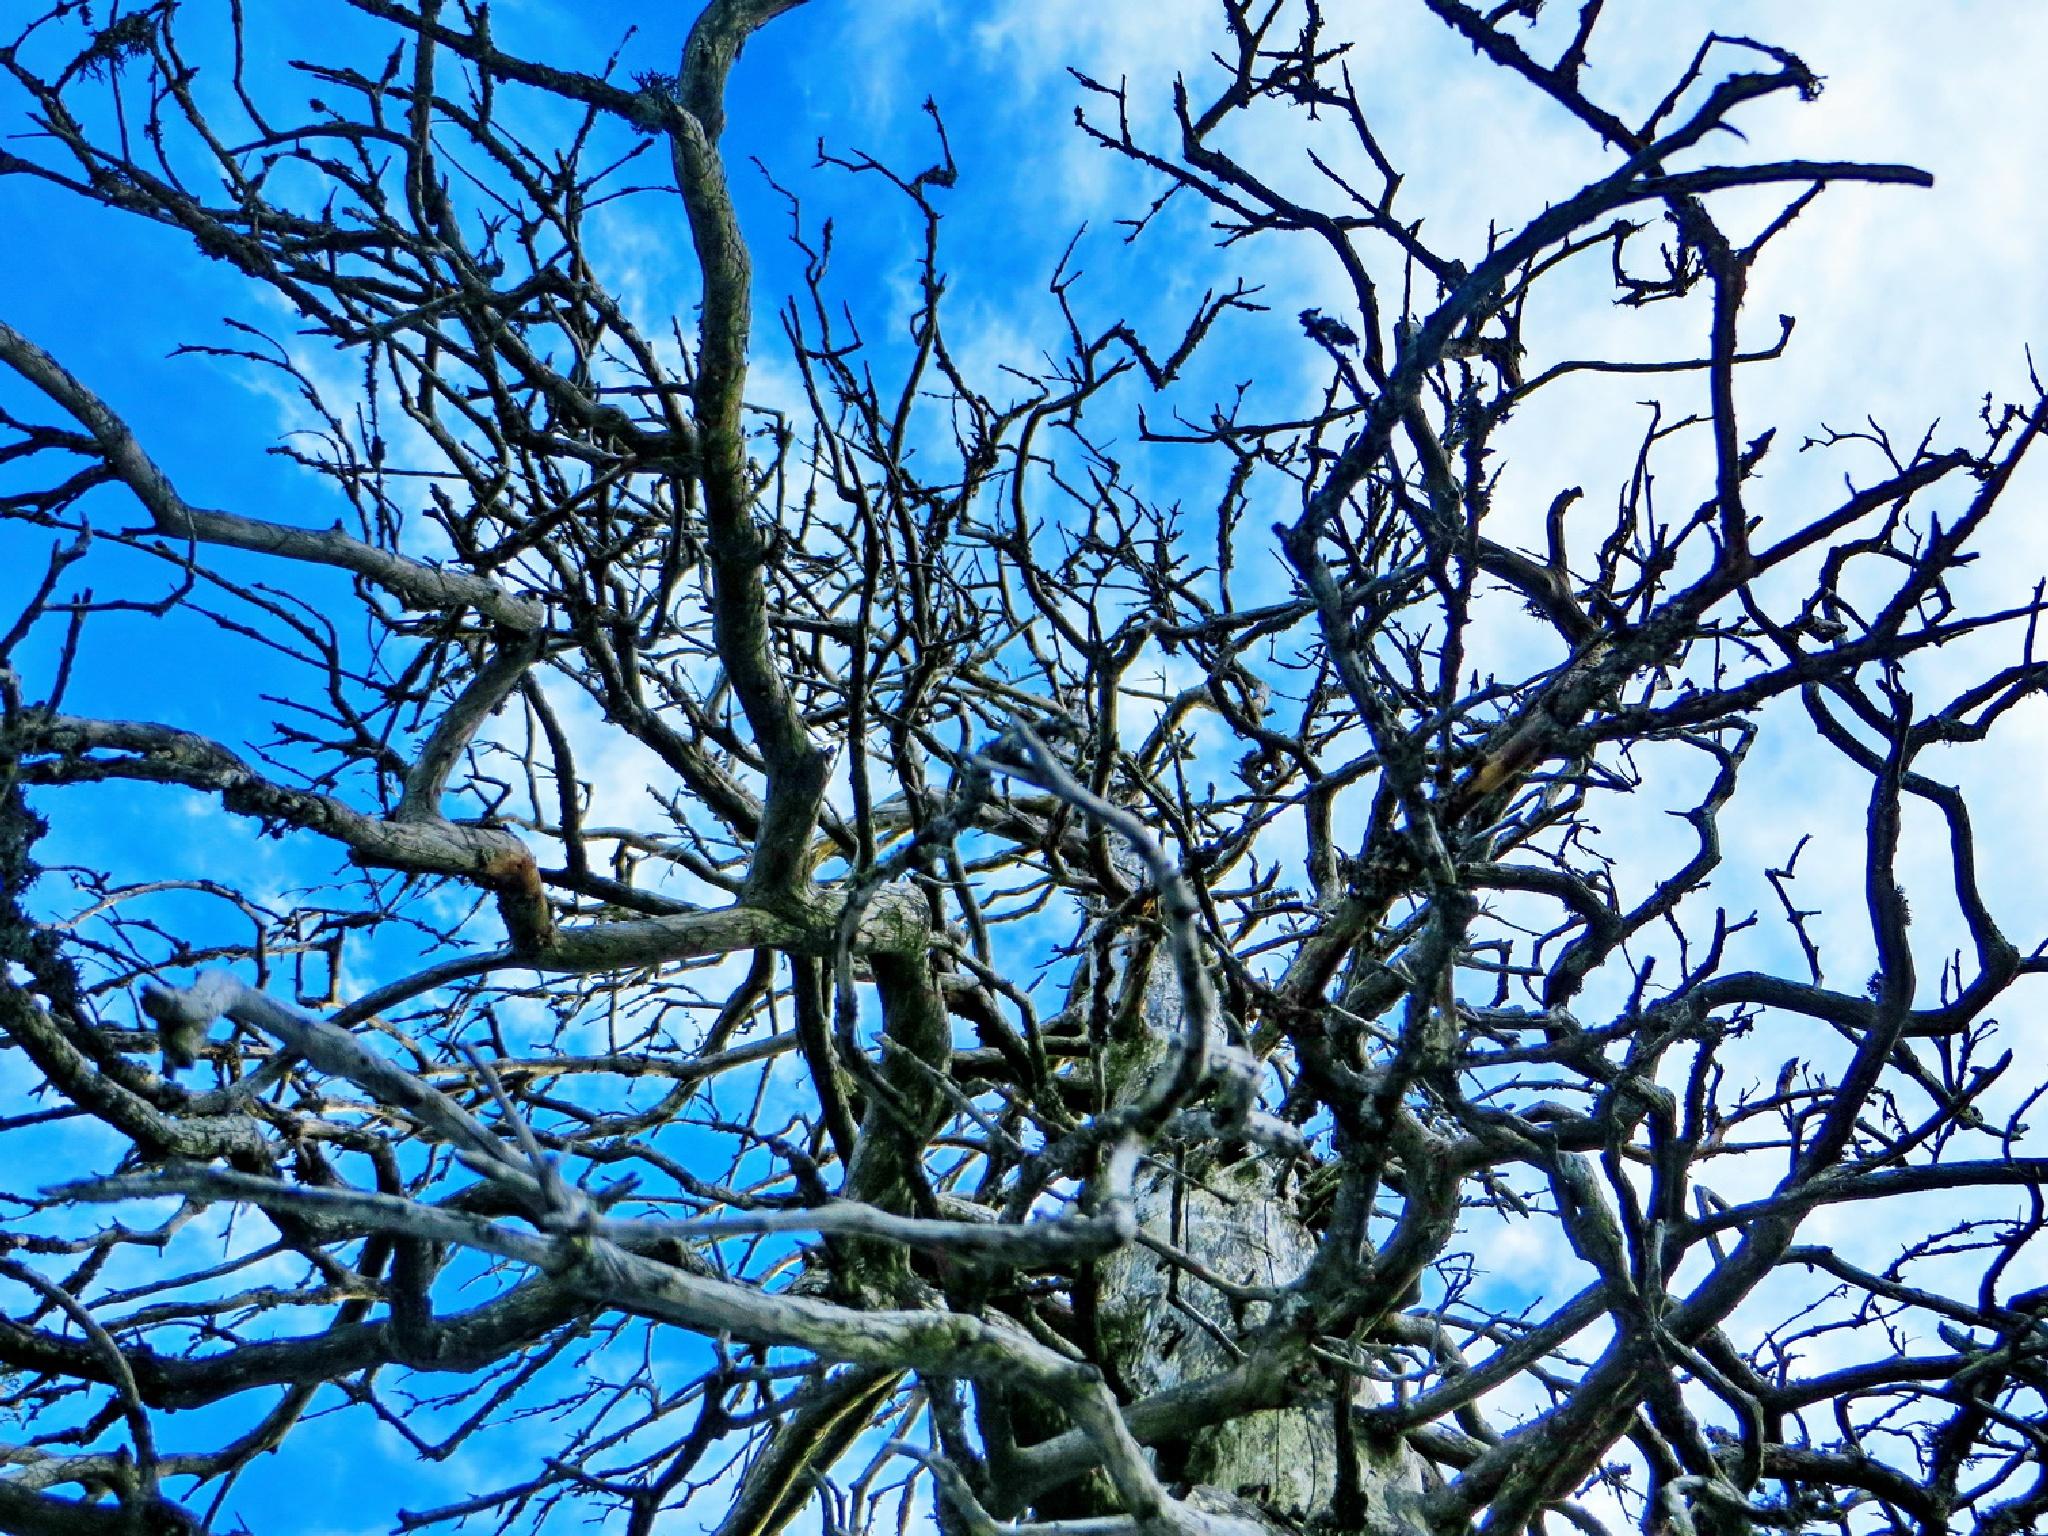 a spider web tree by klaus.deischl